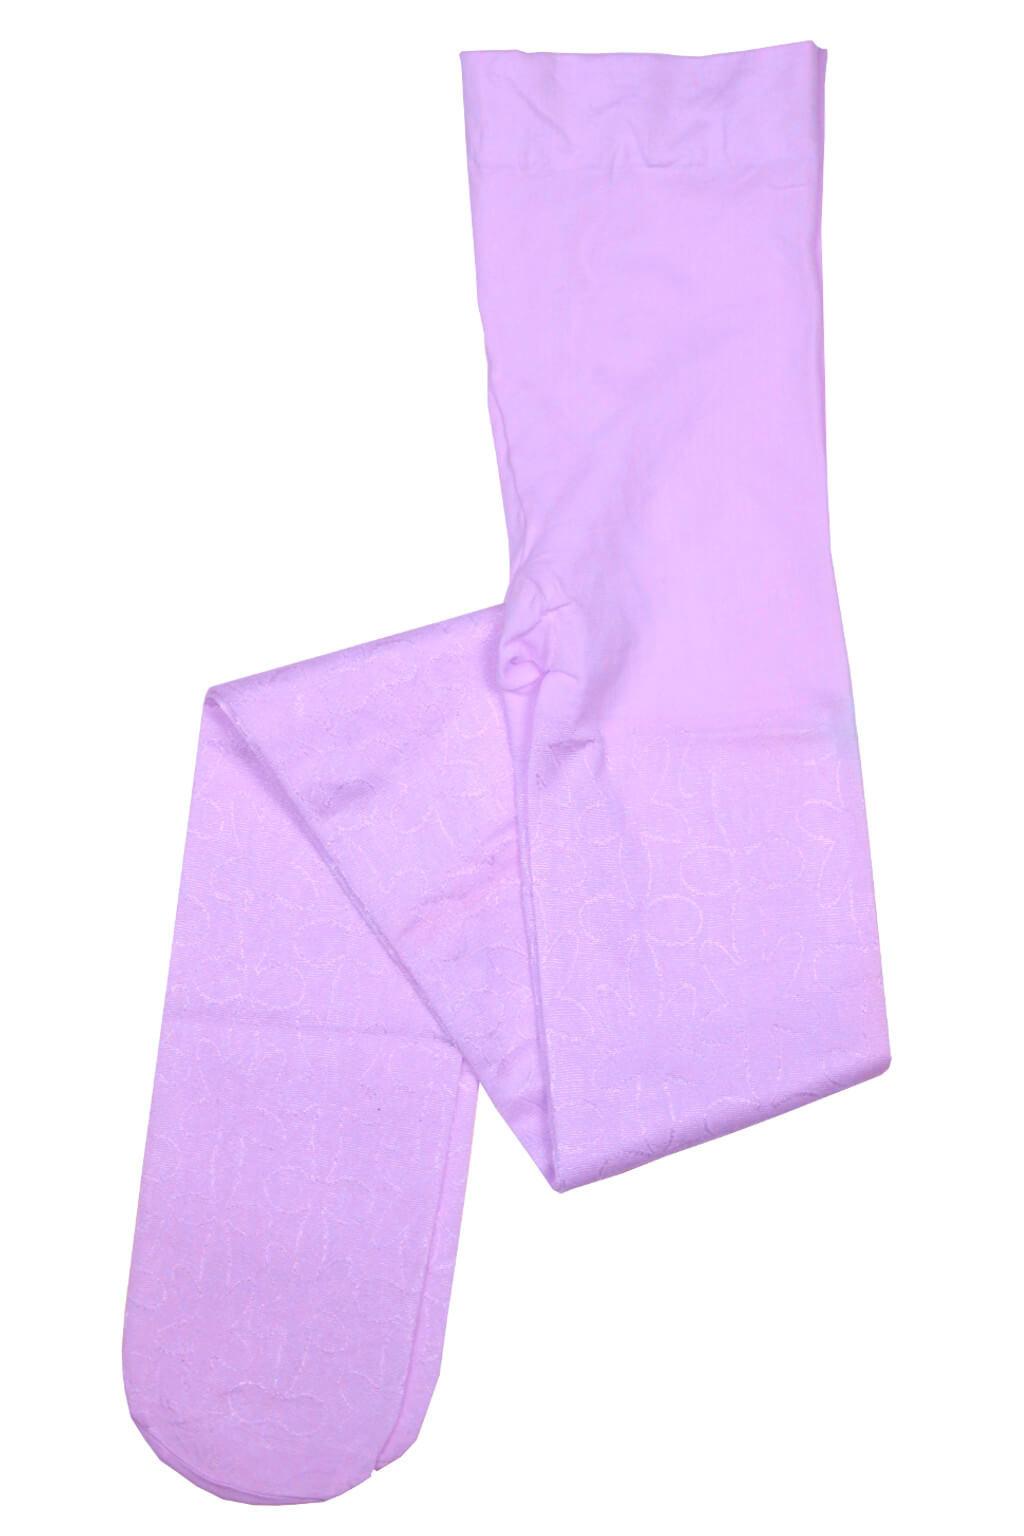 Dívčí silonové punčochy - 40 denů 7-8 let fialová